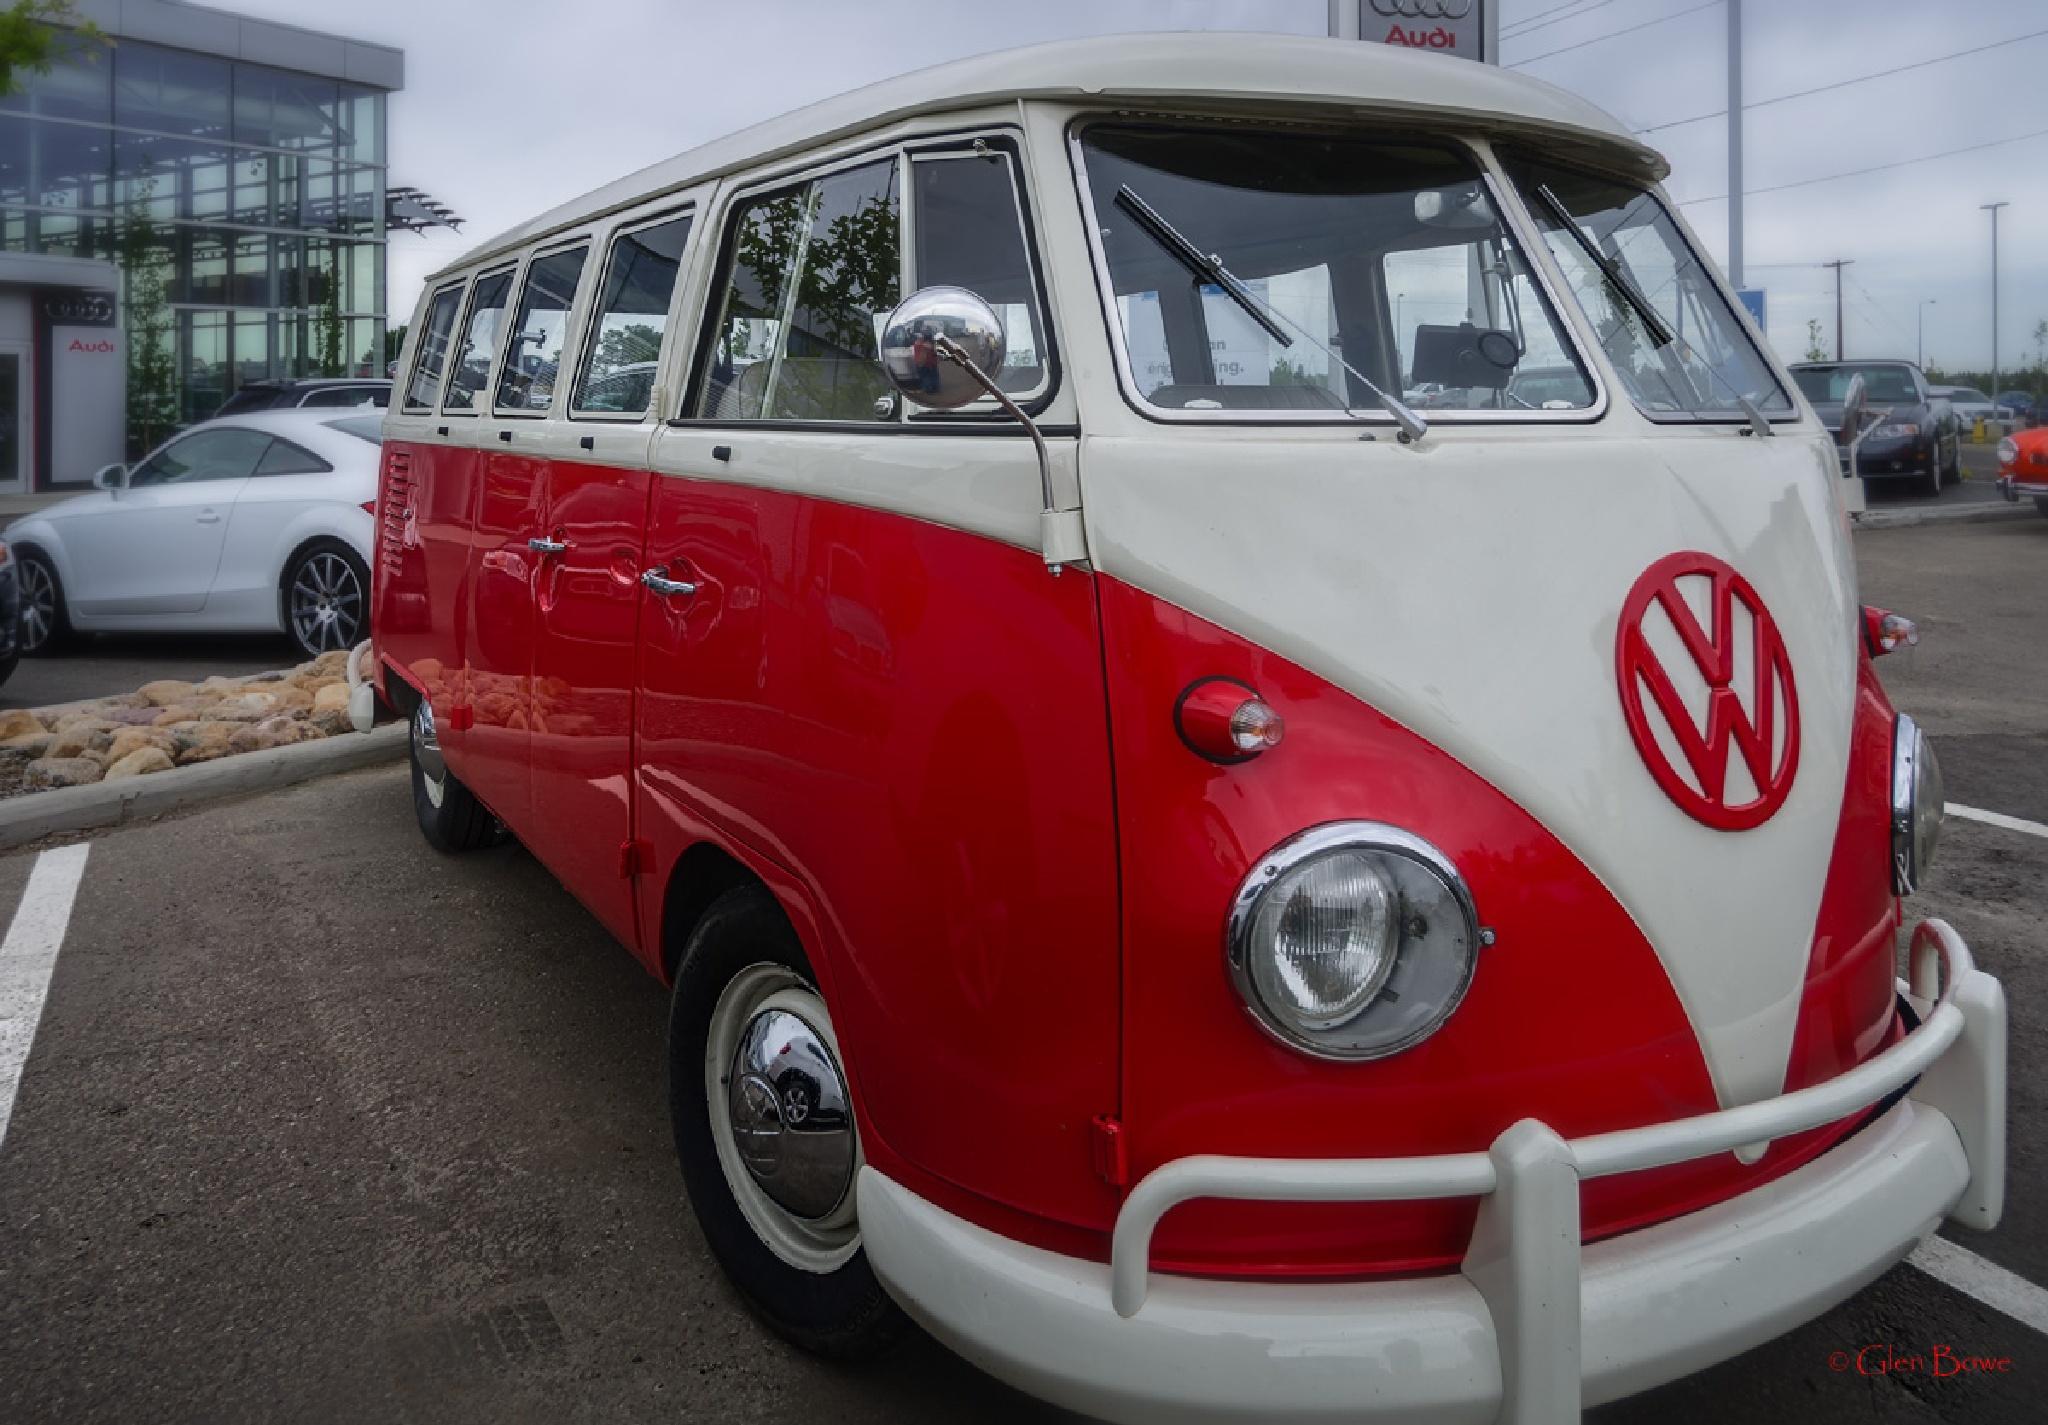 VW Bus by Glen Bowe